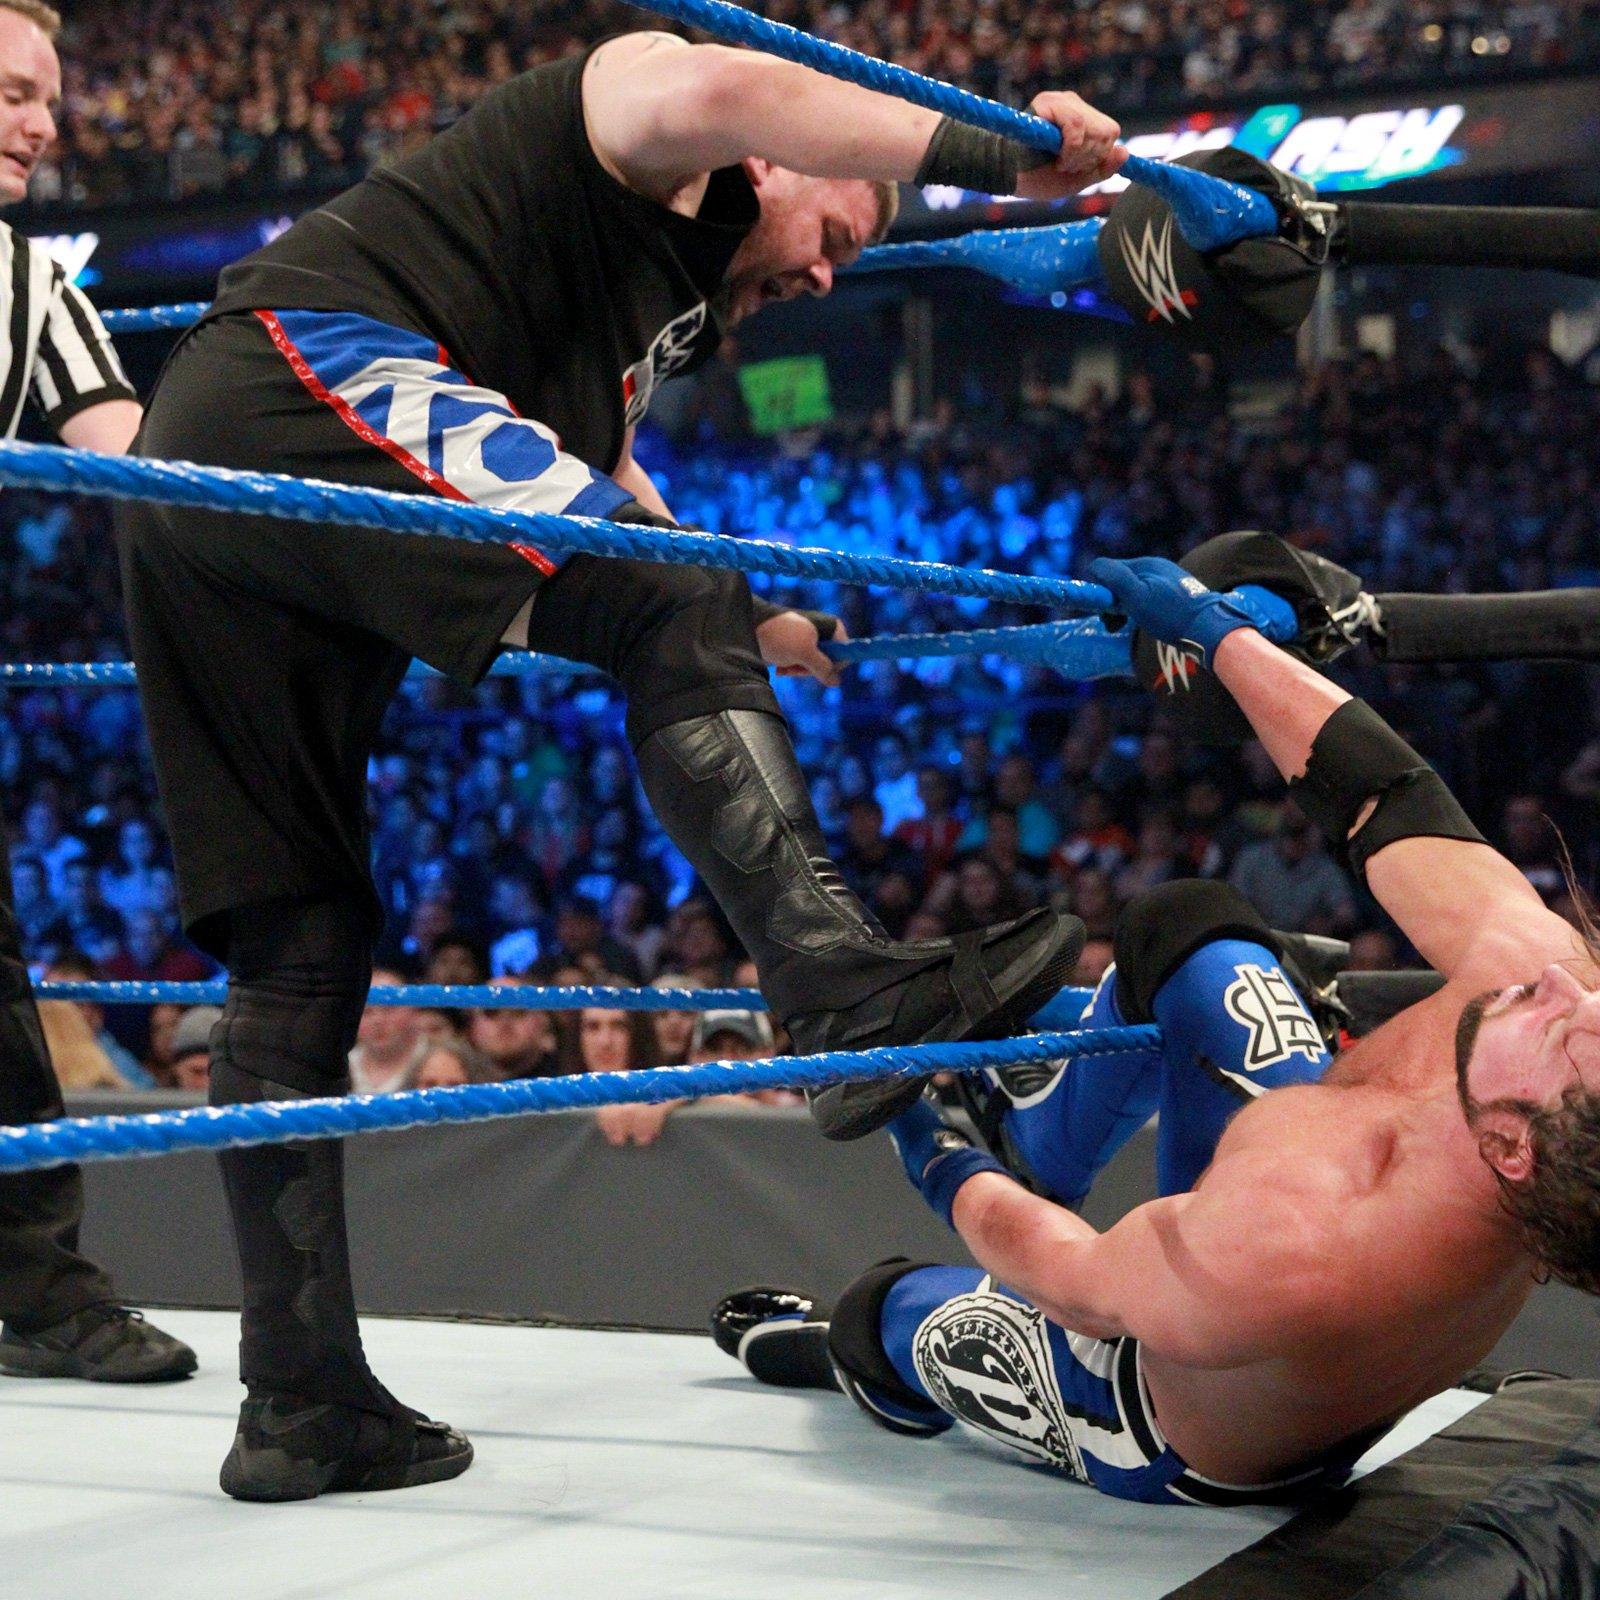 Owens swings momentum in his favor by targeting Styles' knee.